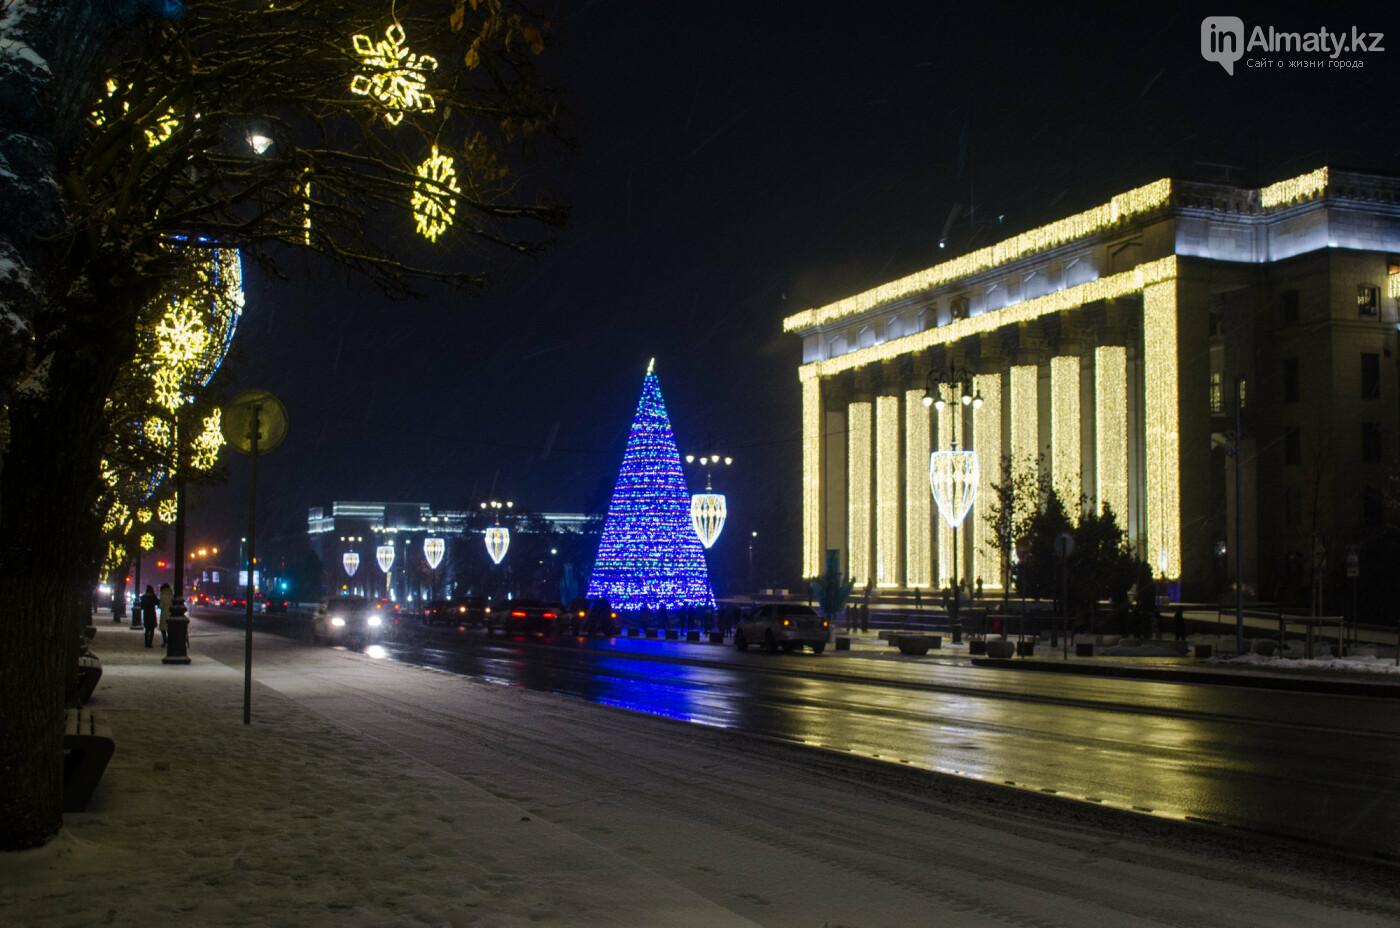 Как украшен центр Алматы к Новому году (фото), фото-33